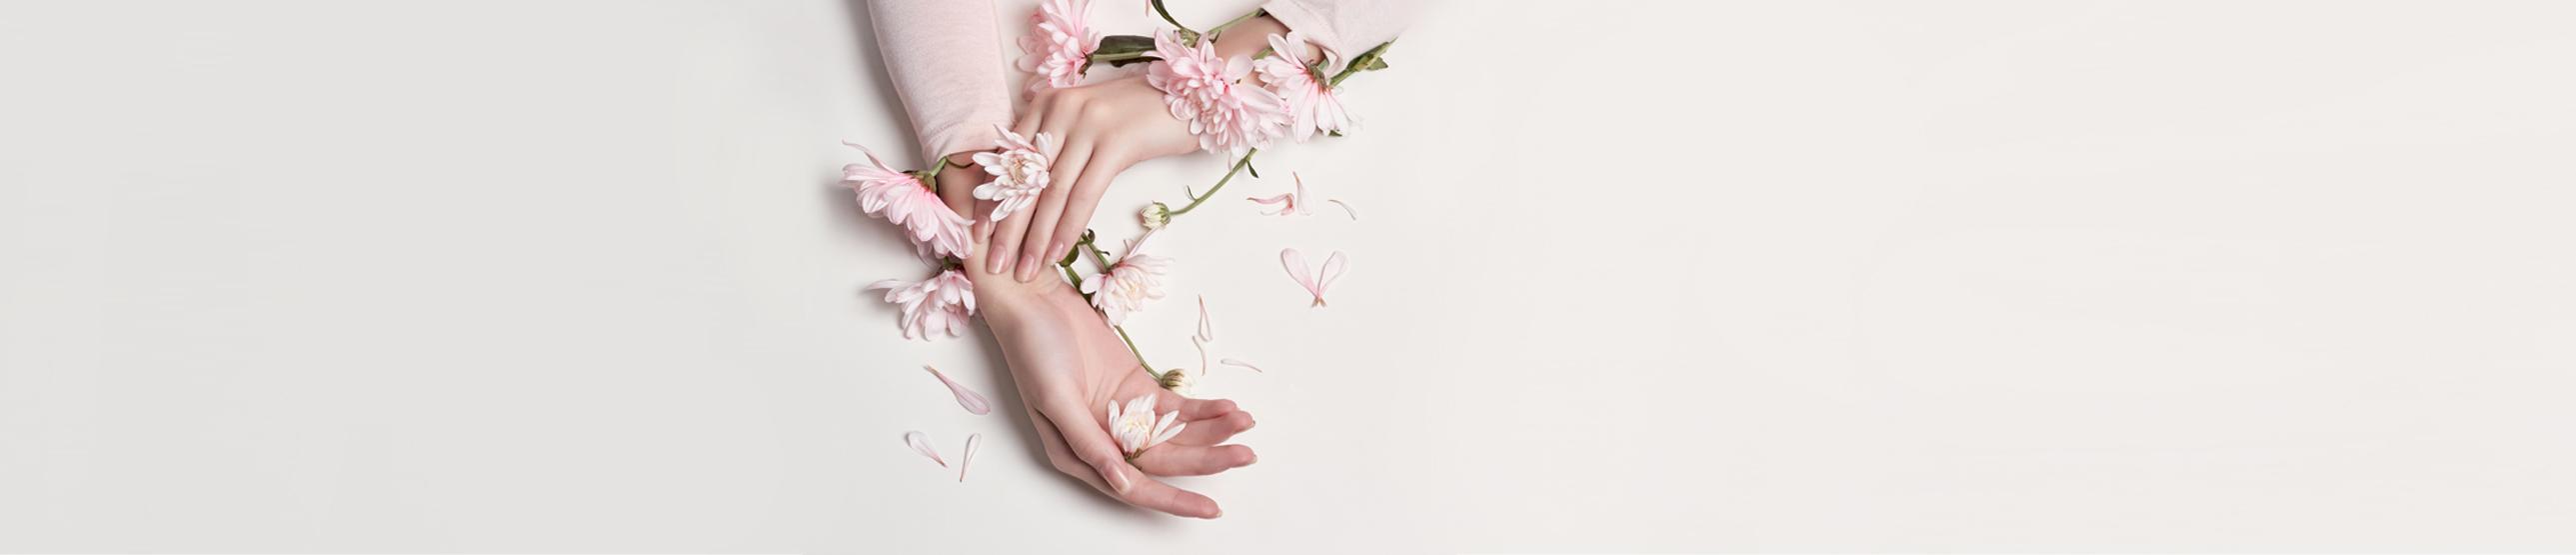 Hände2